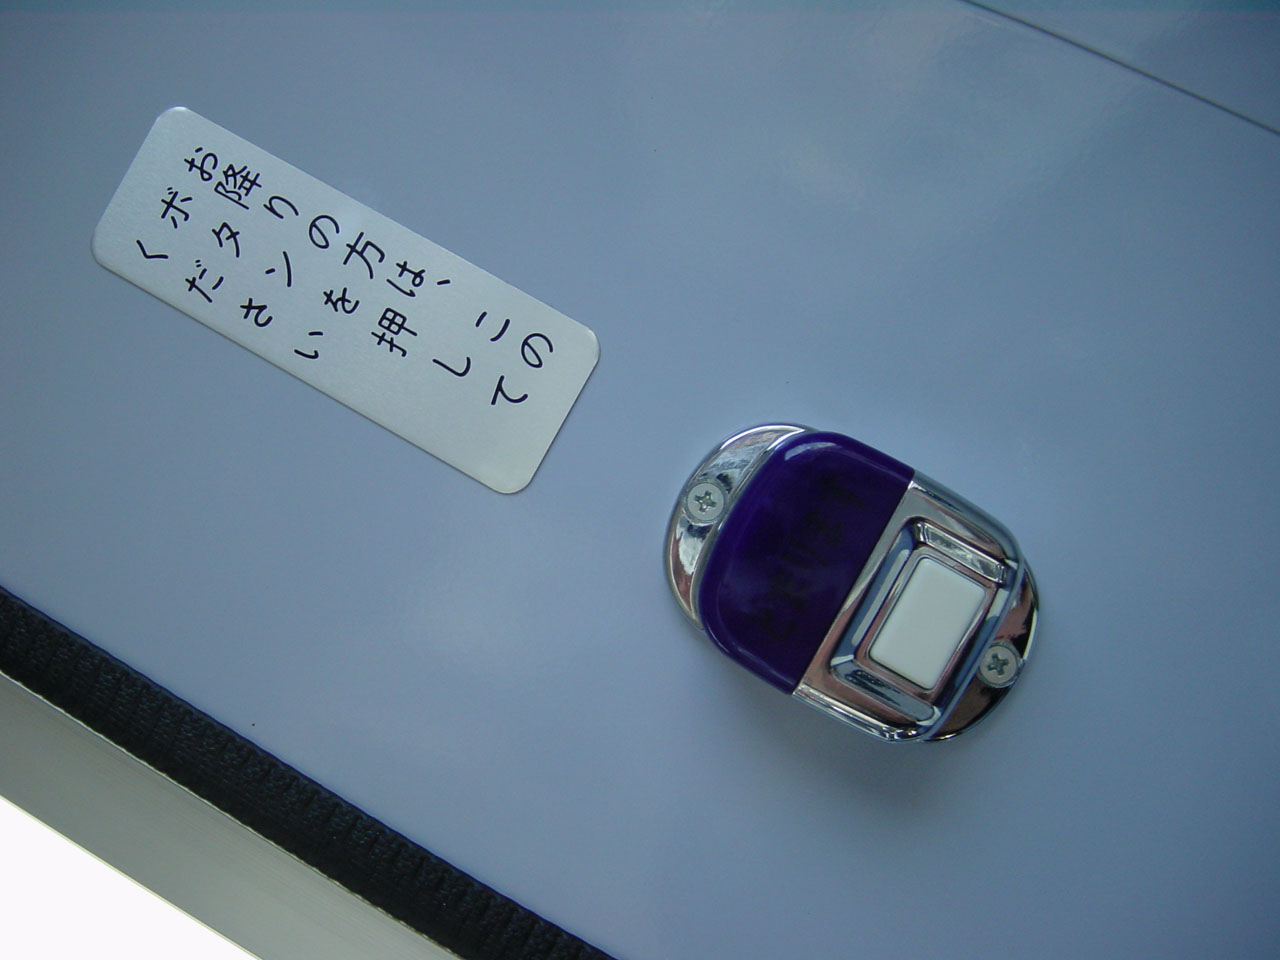 naoshima bouton 01.11.2002